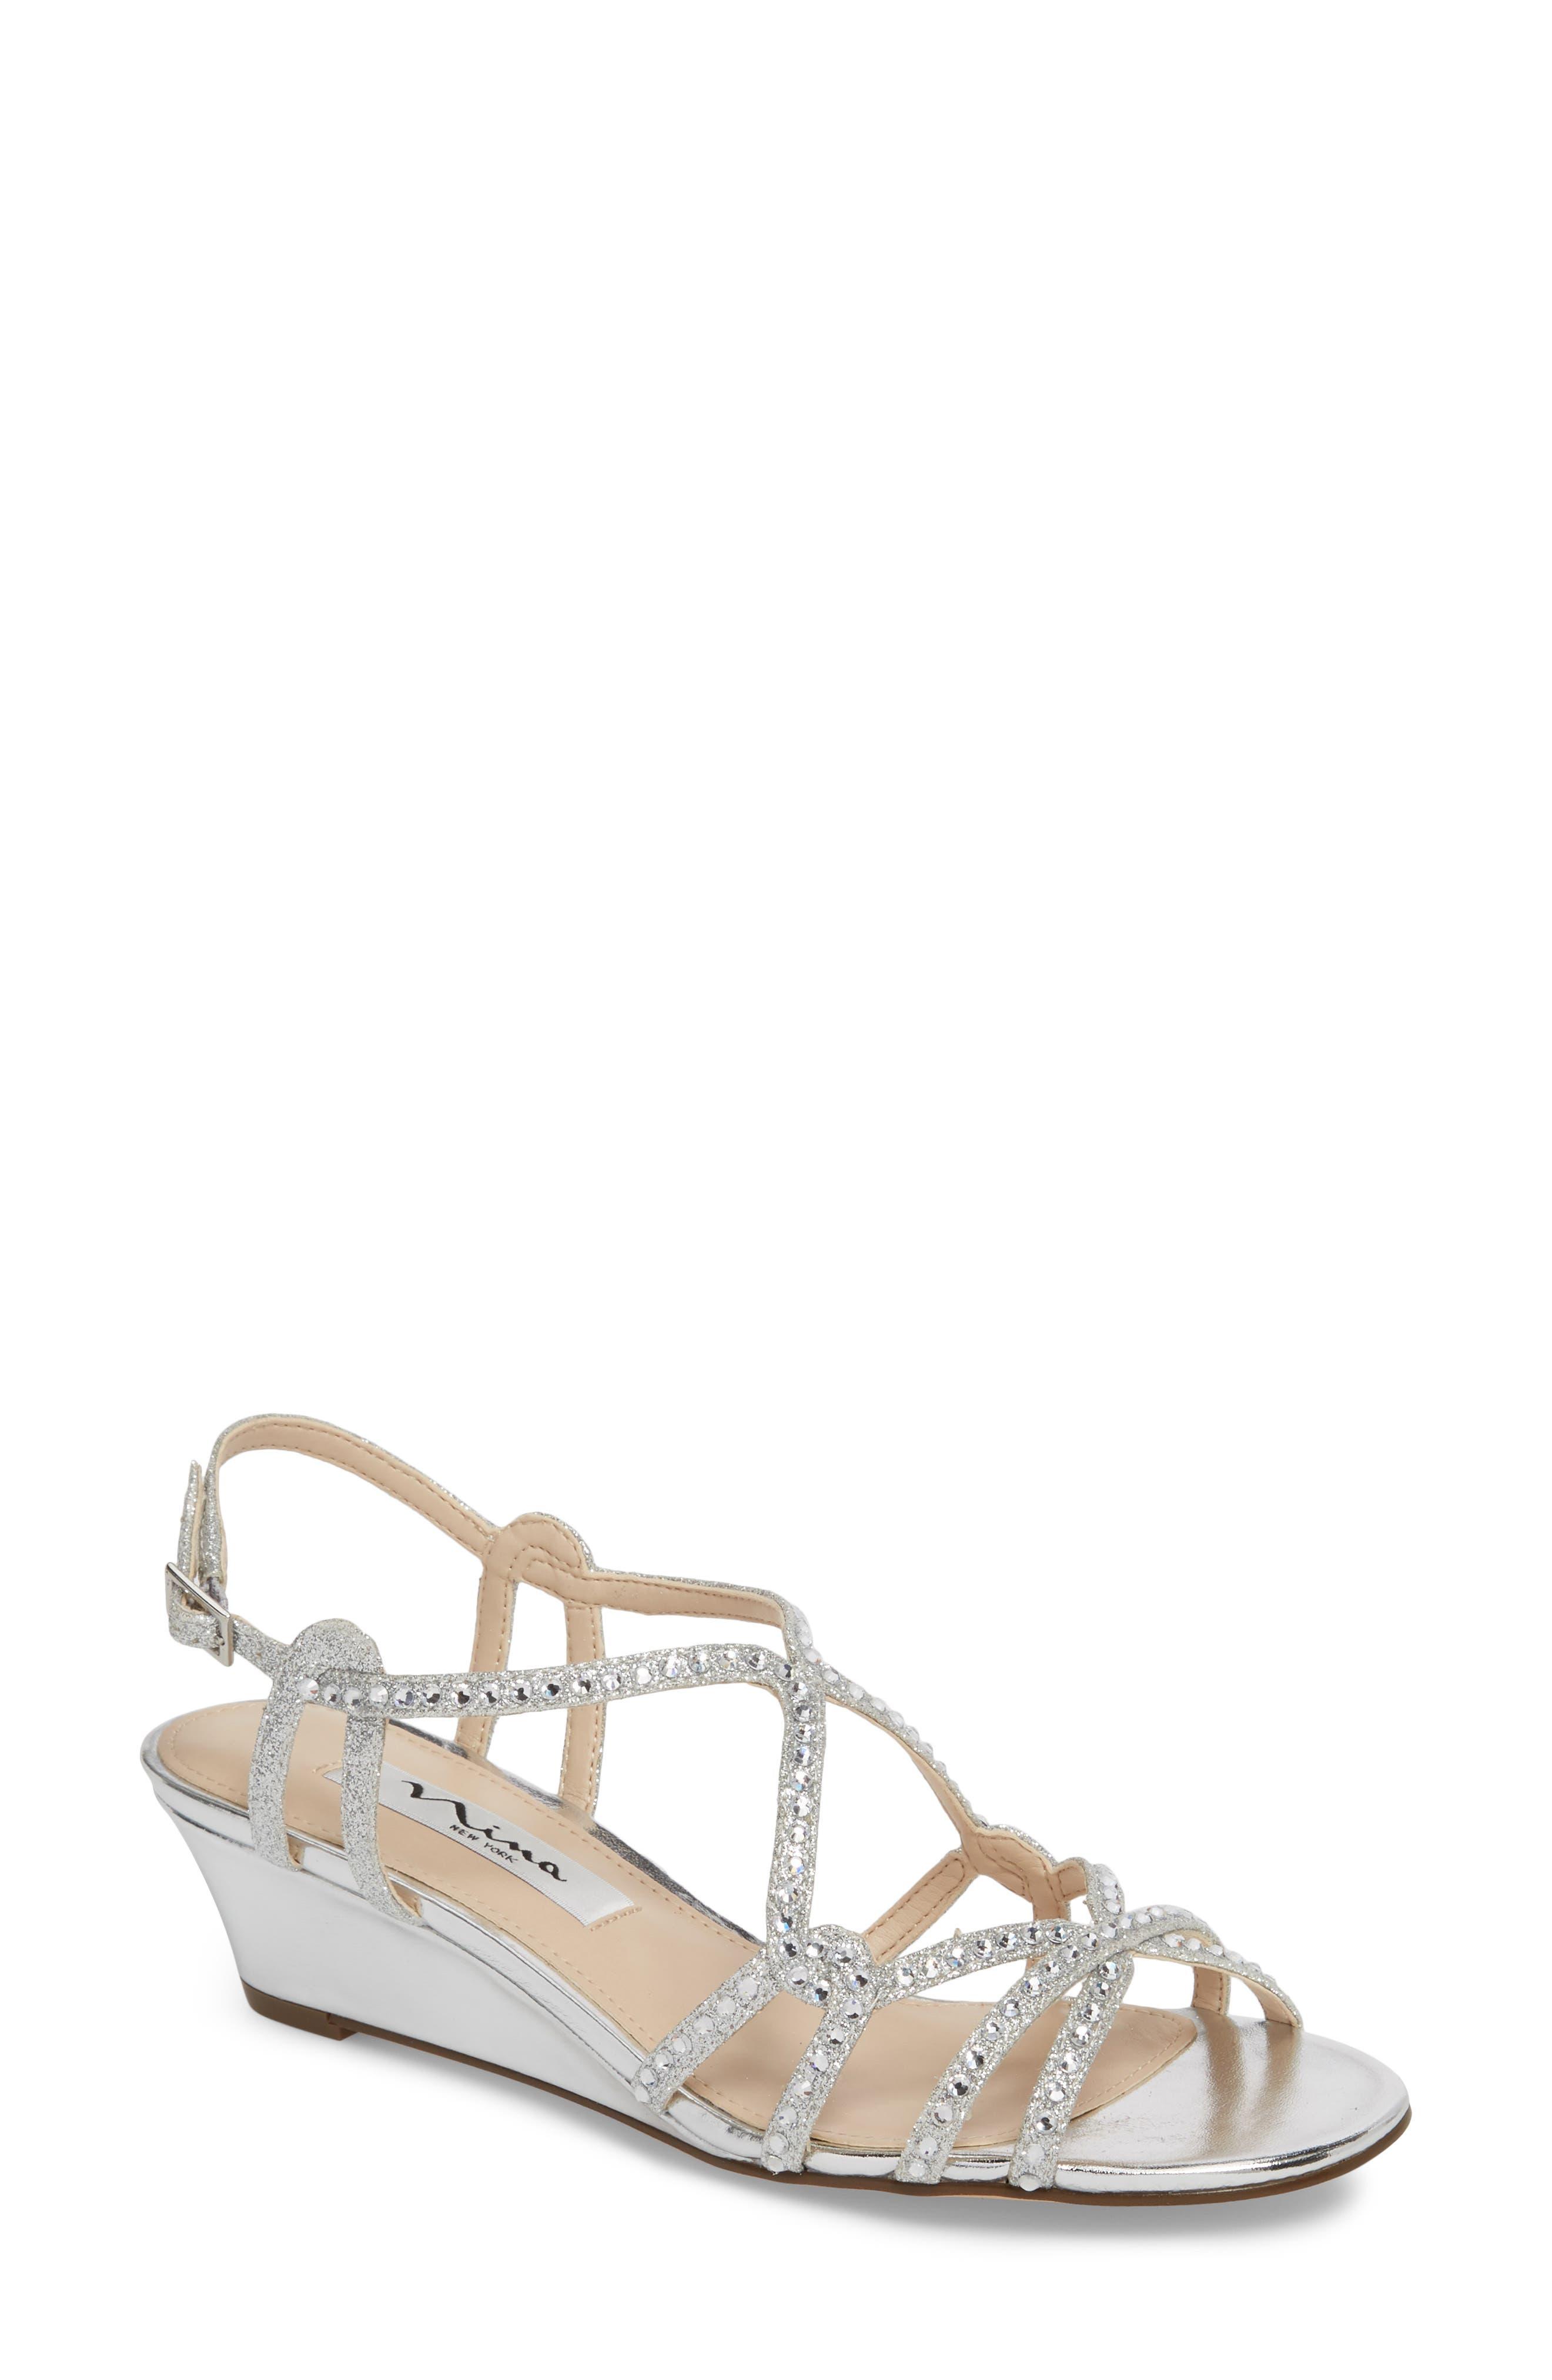 Finola Sandal,                         Main,                         color, Silver Glitter Fabric